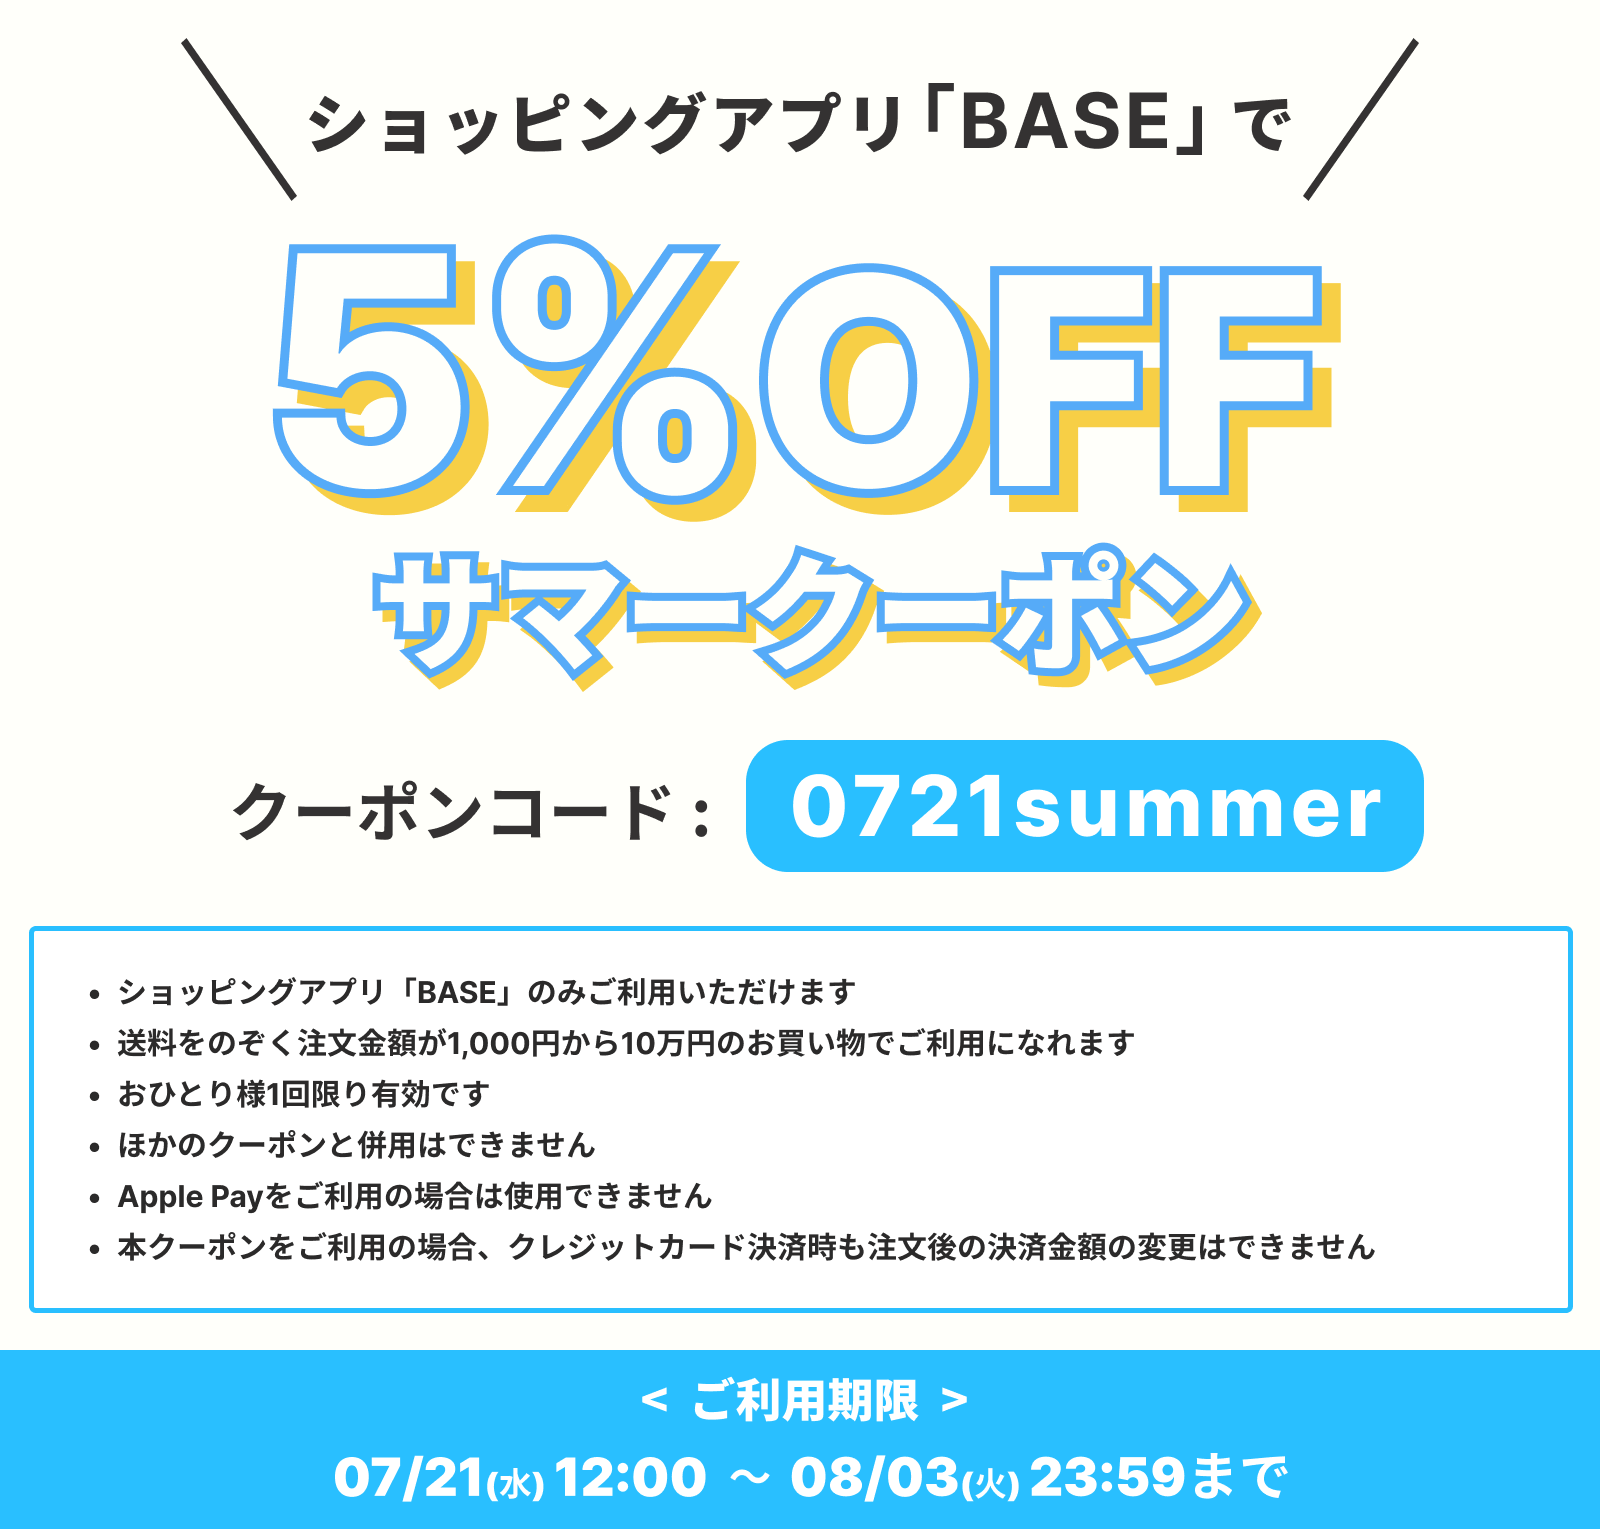 【7/21〜 8/3 期間限定!】5%OFFクーポン配布中!